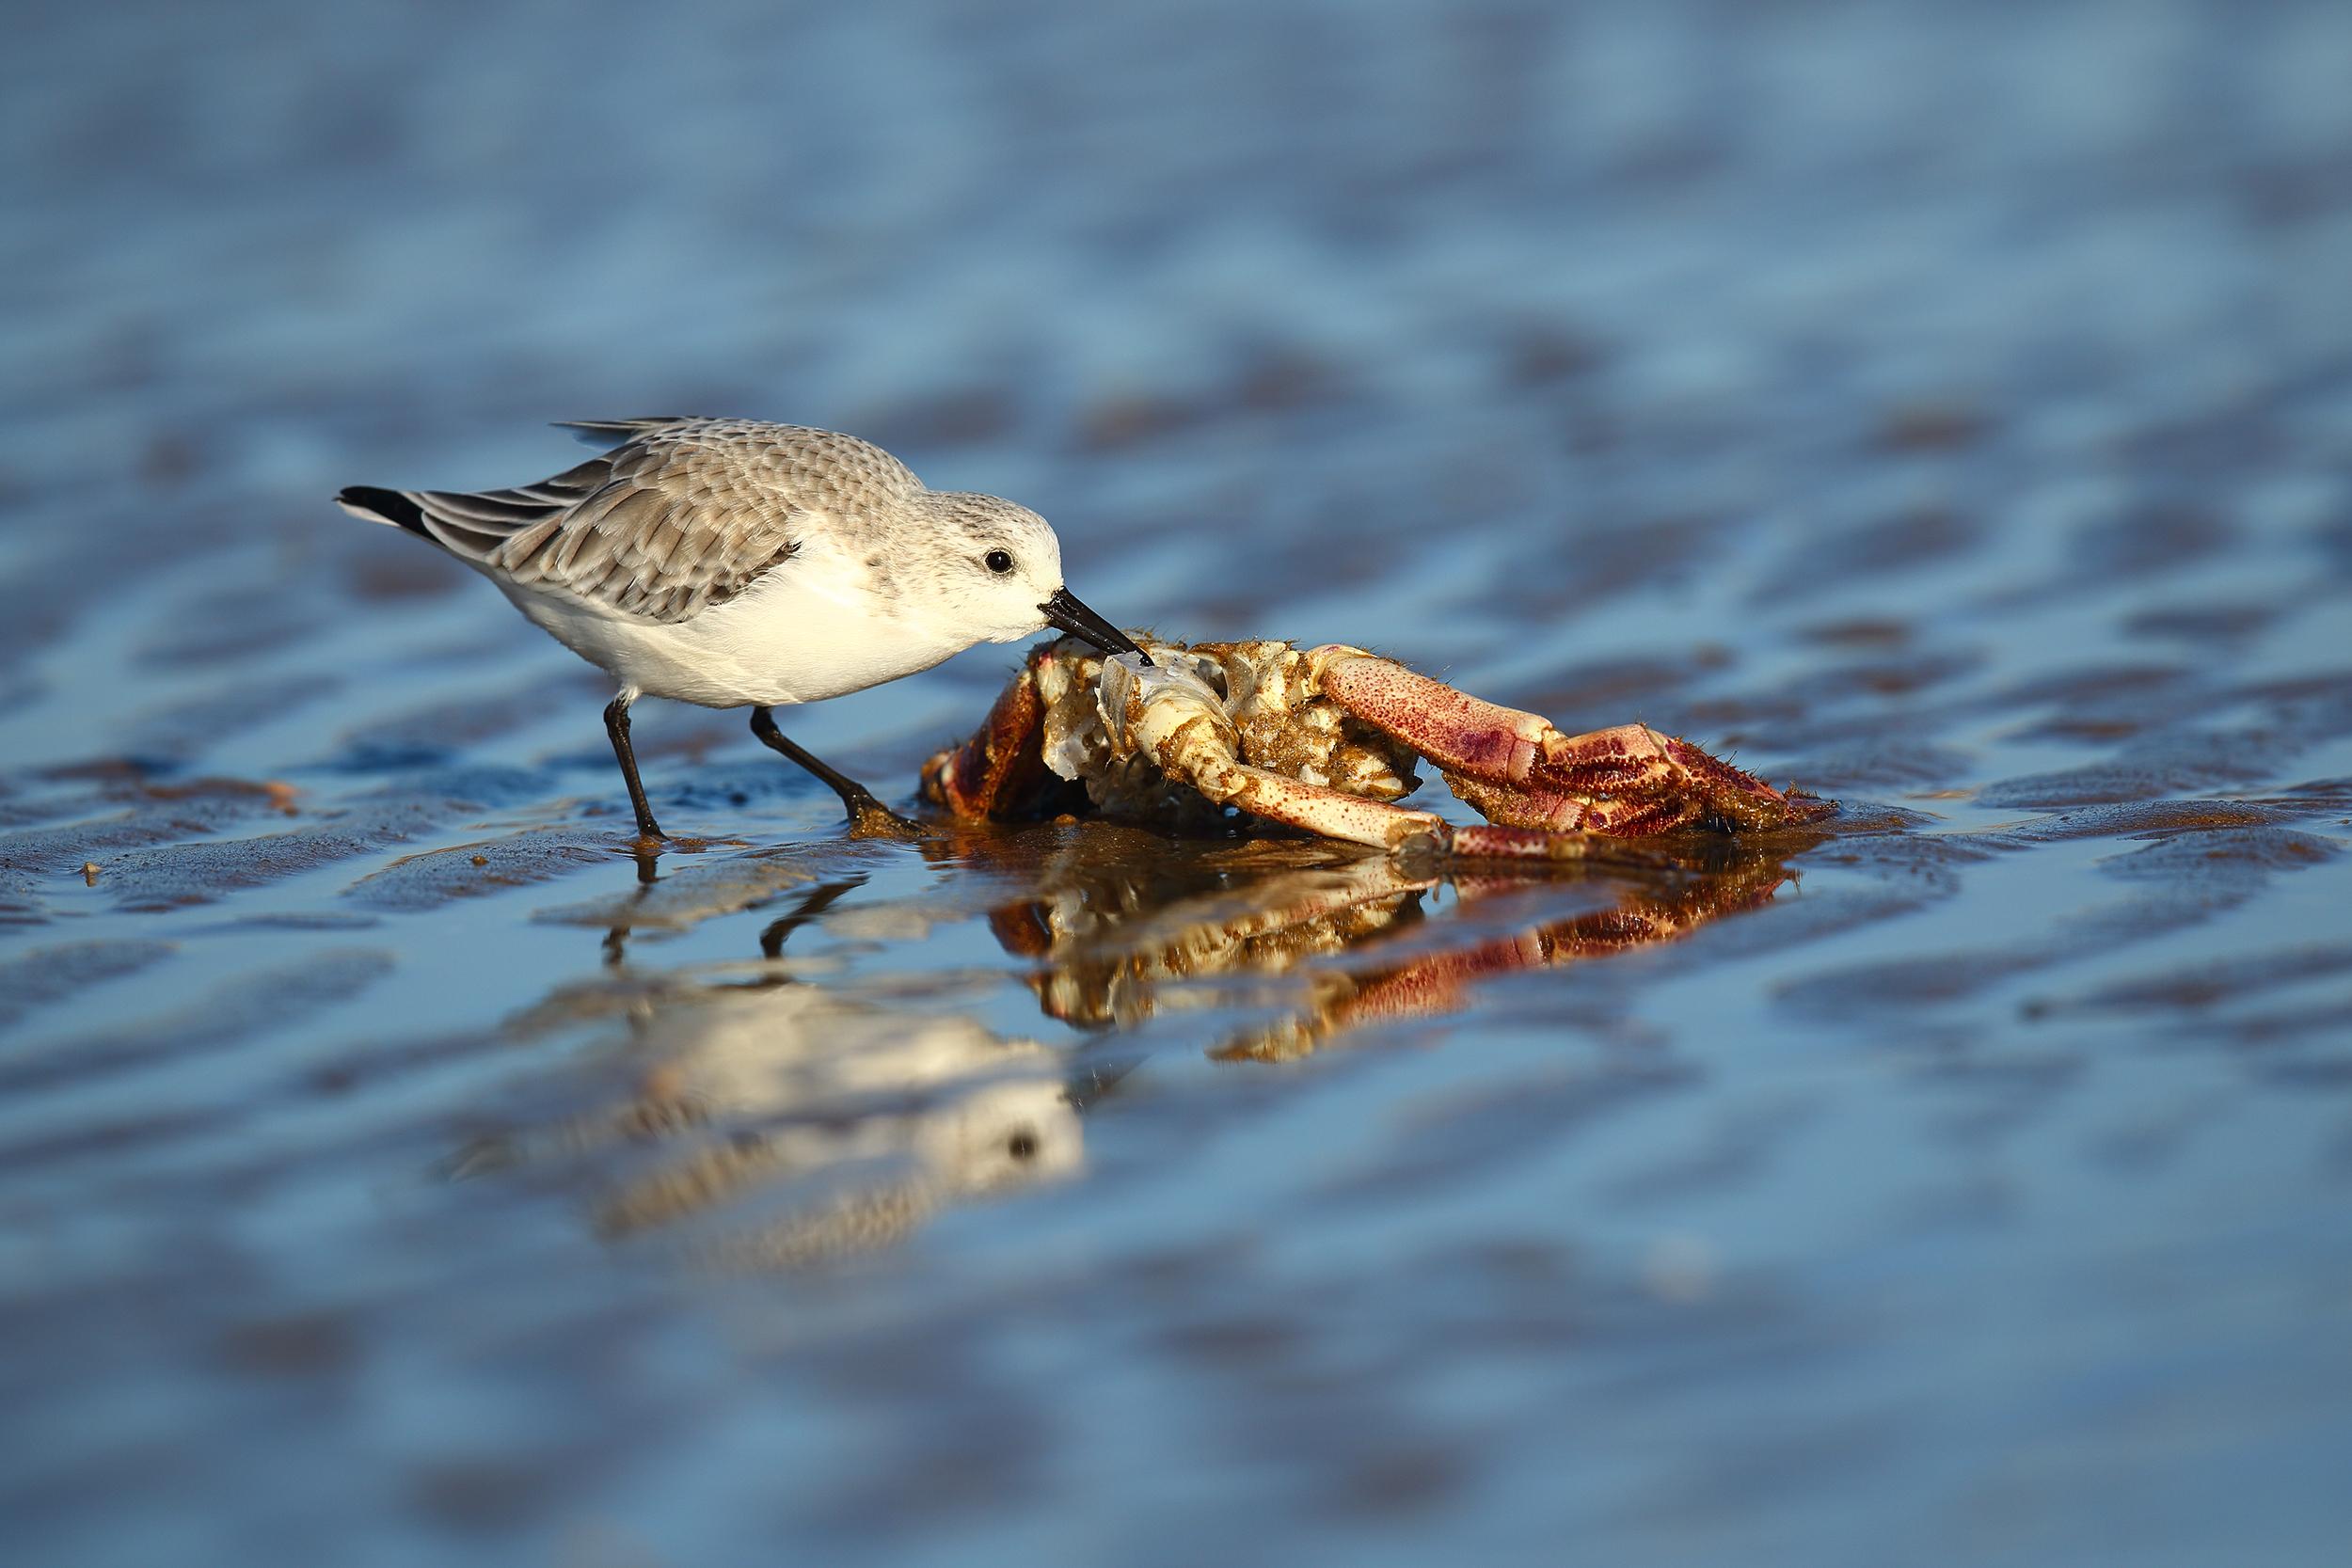 Sanderling_Eating_Crab.jpg